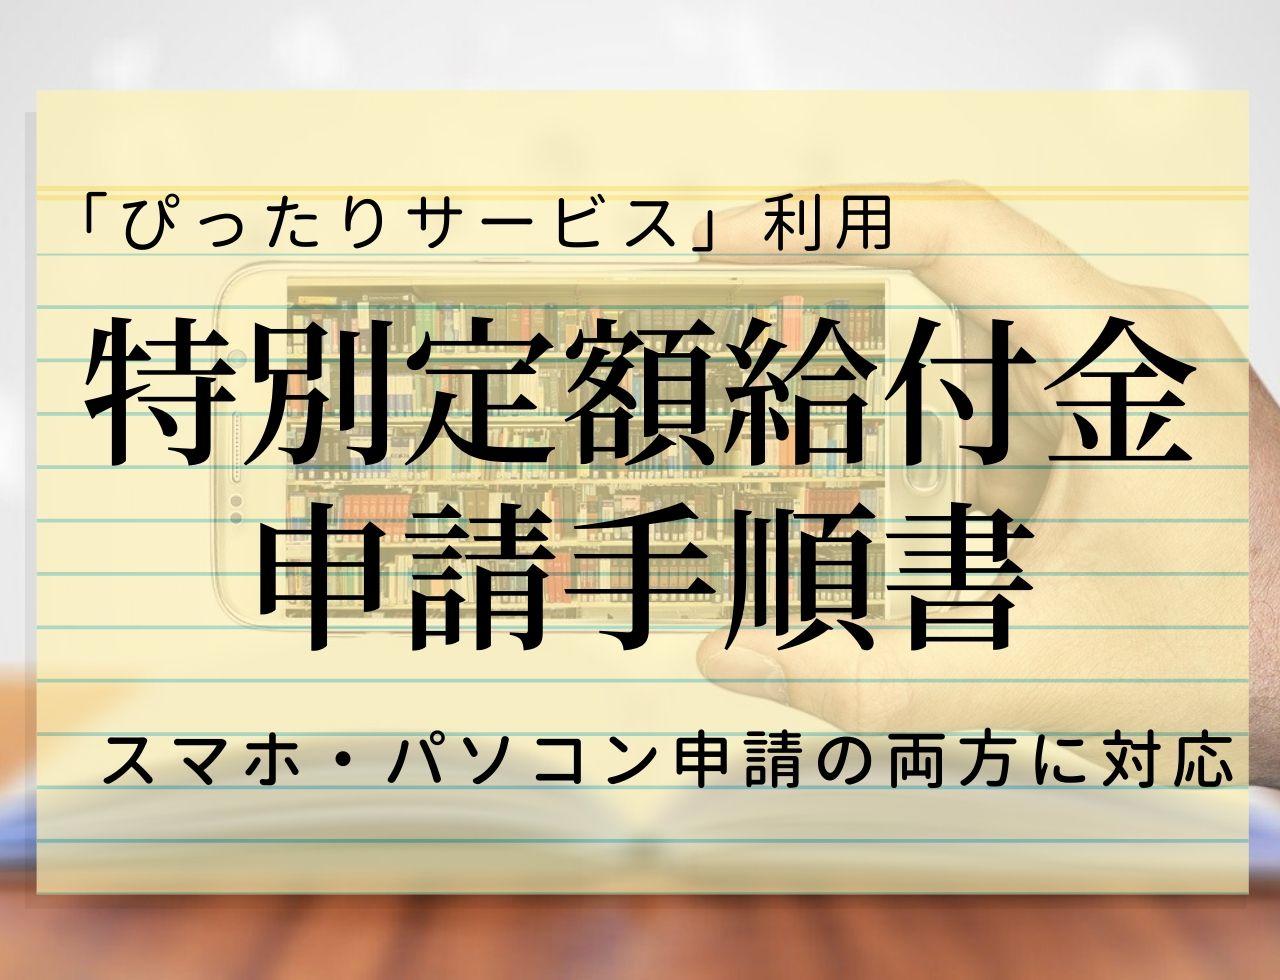 【特別定額給付金】マイナンバーカードでオンライン申請する手順書